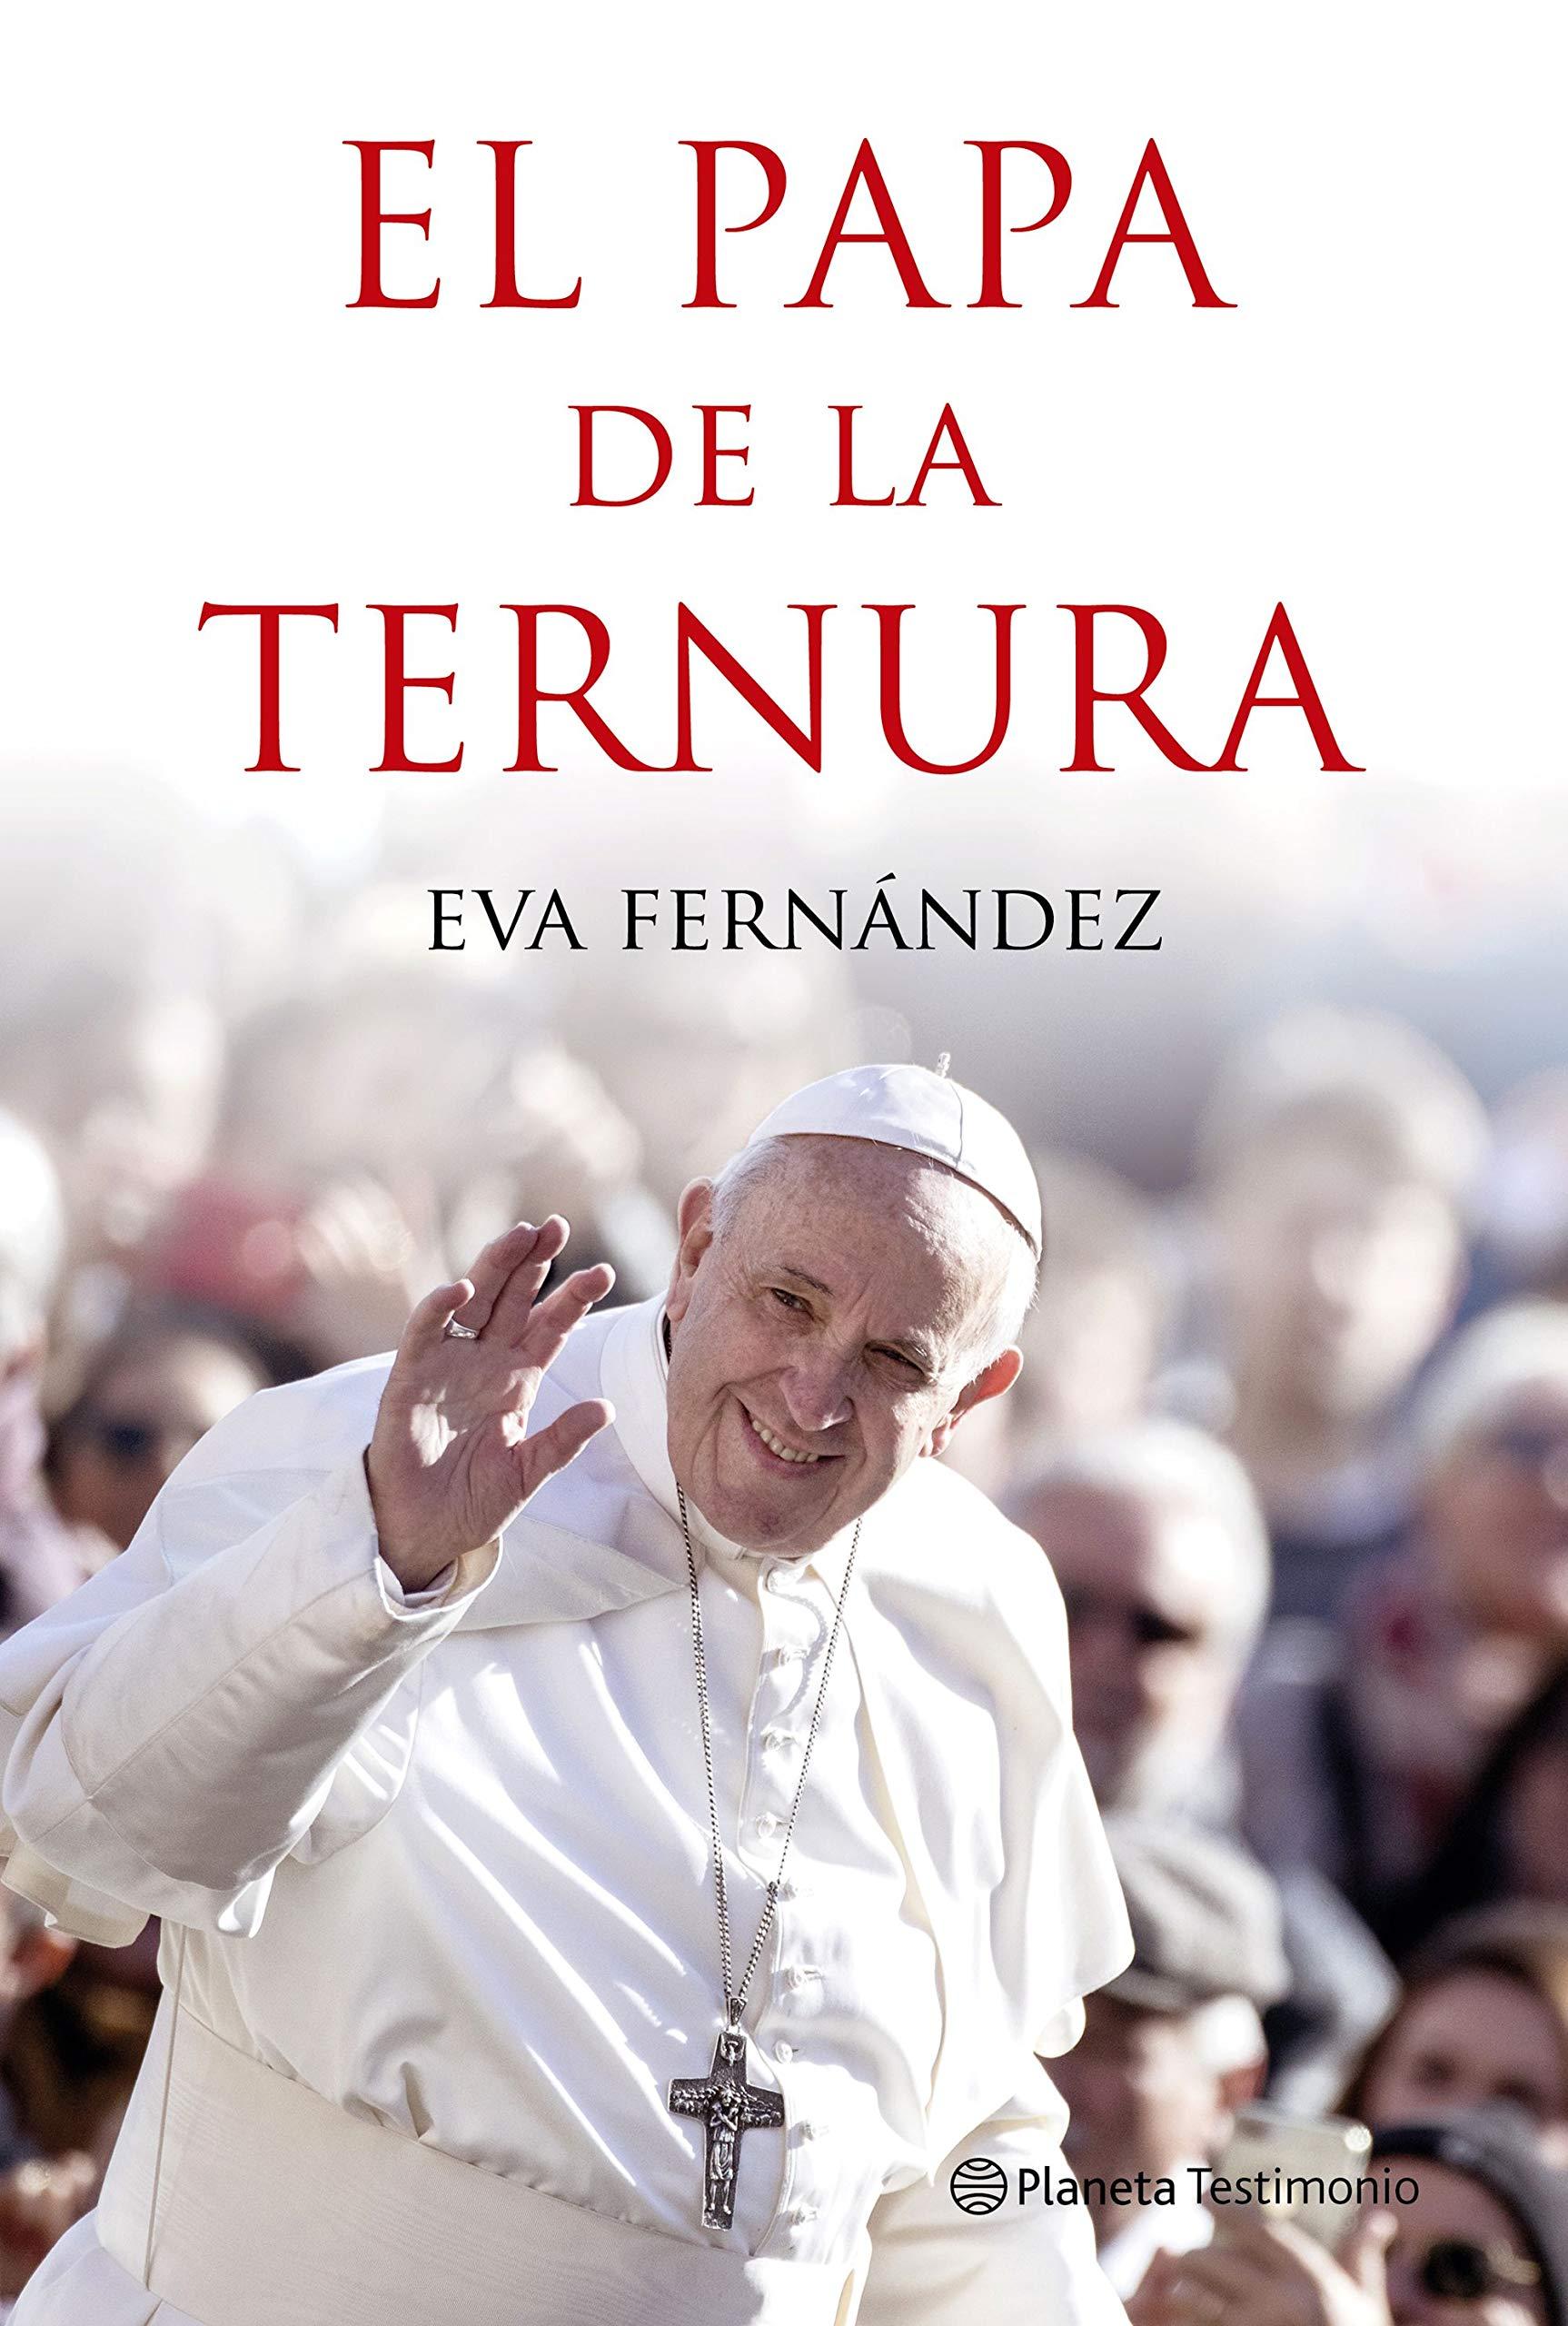 El papa de la ternura (Planeta Testimonio)